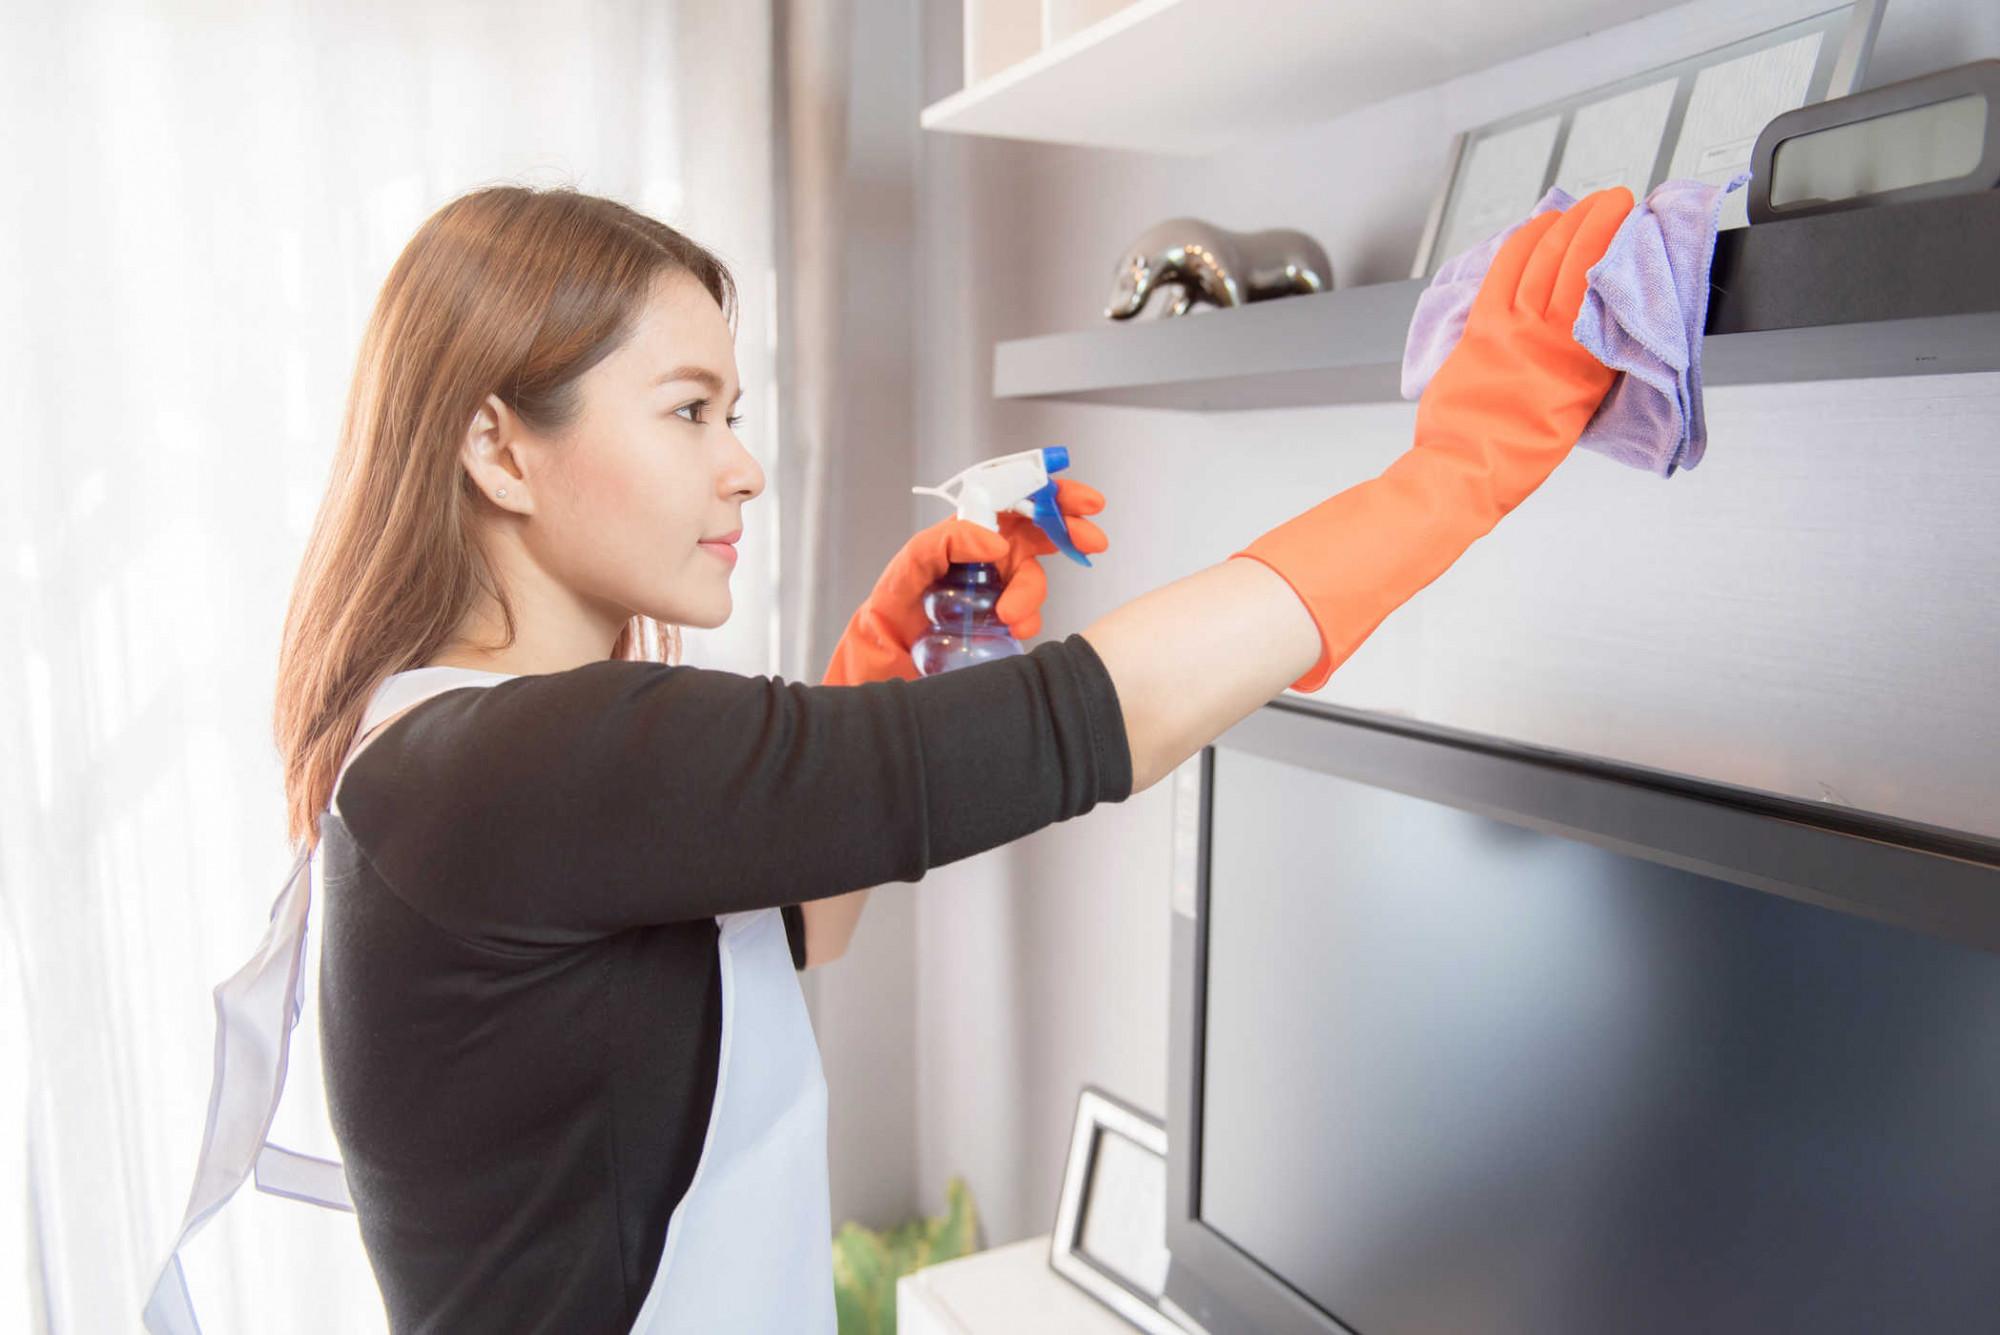 Thay vì giao việc cho con, gia đình tôi đã lựa chọn việc thuê dịch vụ vệ sinh dọn dẹp nhà cửa đón tết. Ảnh minh hoạ